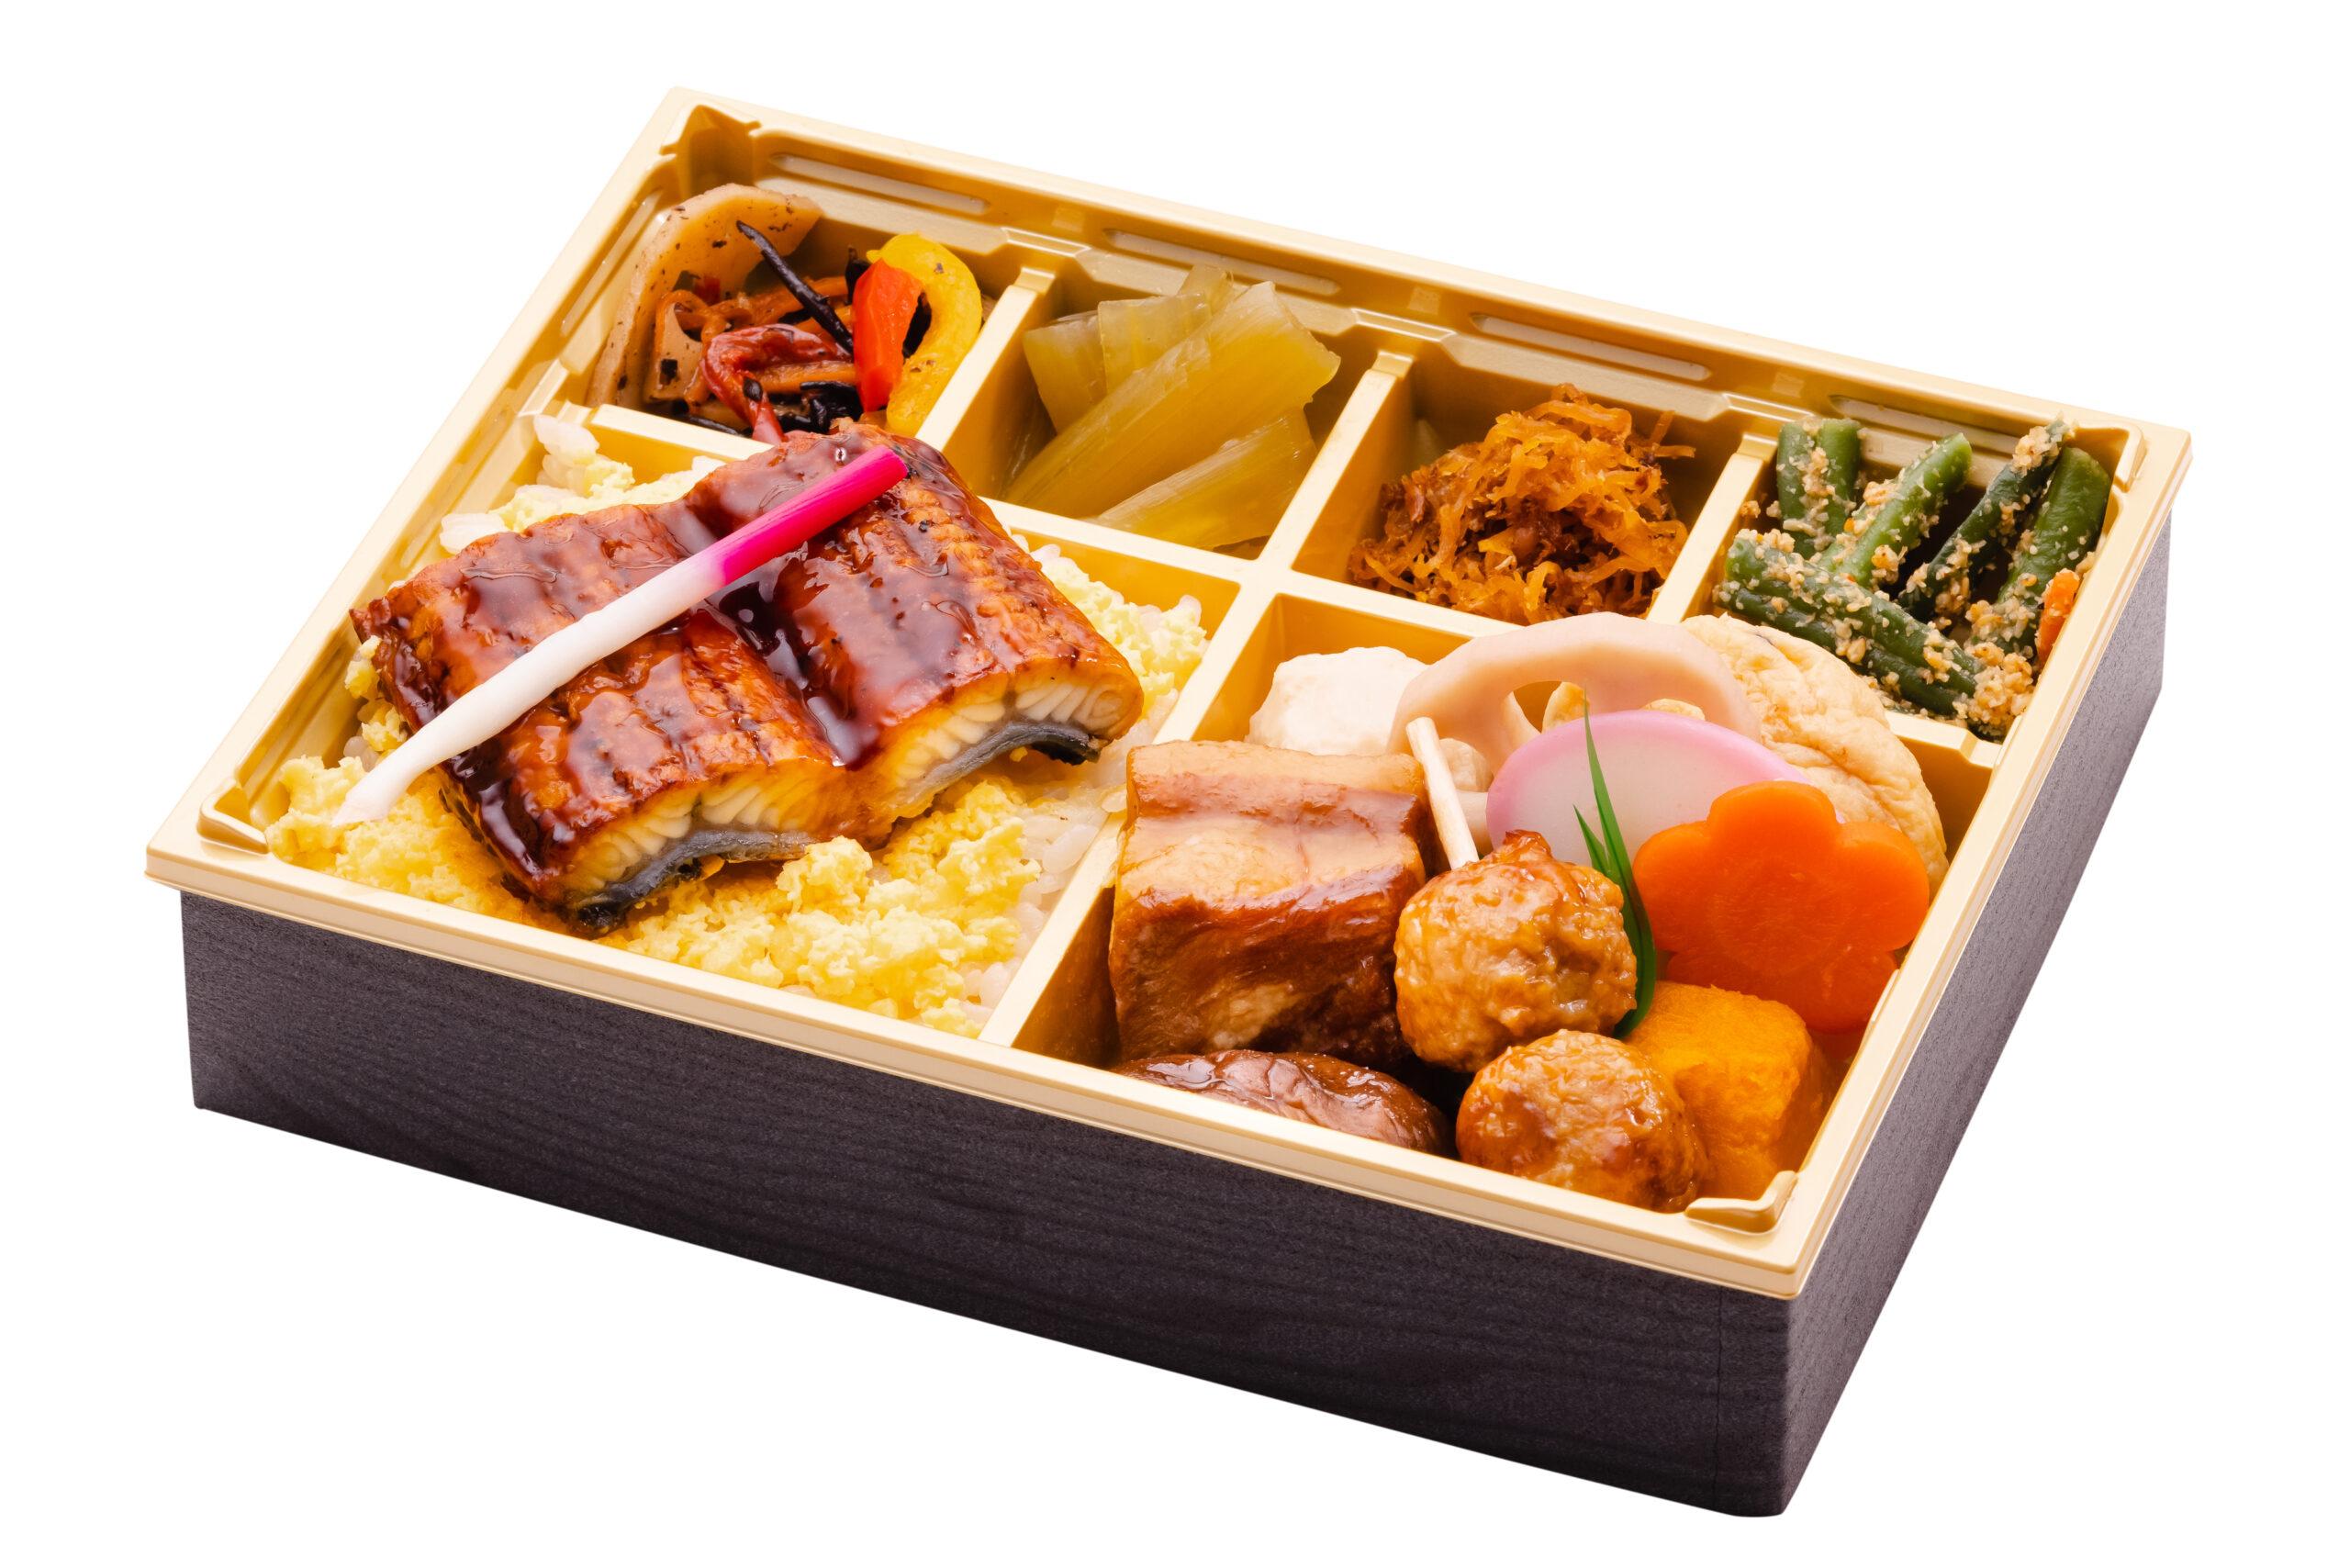 夏の味覚「鰻」を愉しむ「日本橋だし場 OBENTO エキュート品川店」のお弁当2種が6月1日新発売に 夏季限定新商品